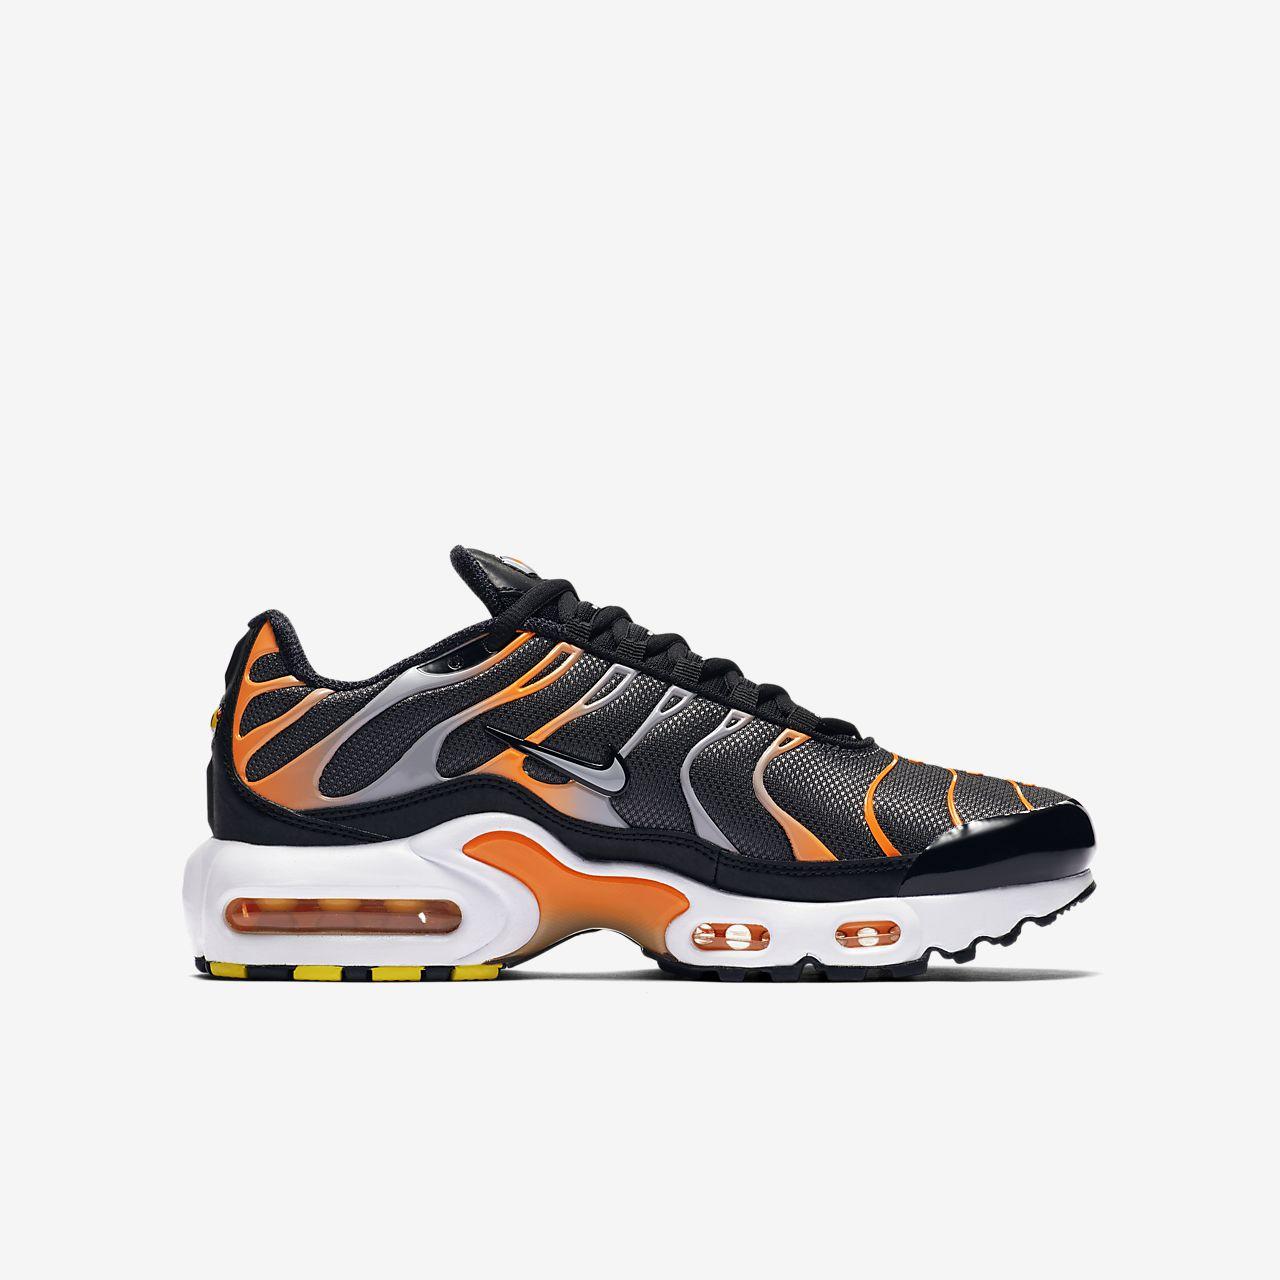 Nike Air Max Plus Schuhe weiss